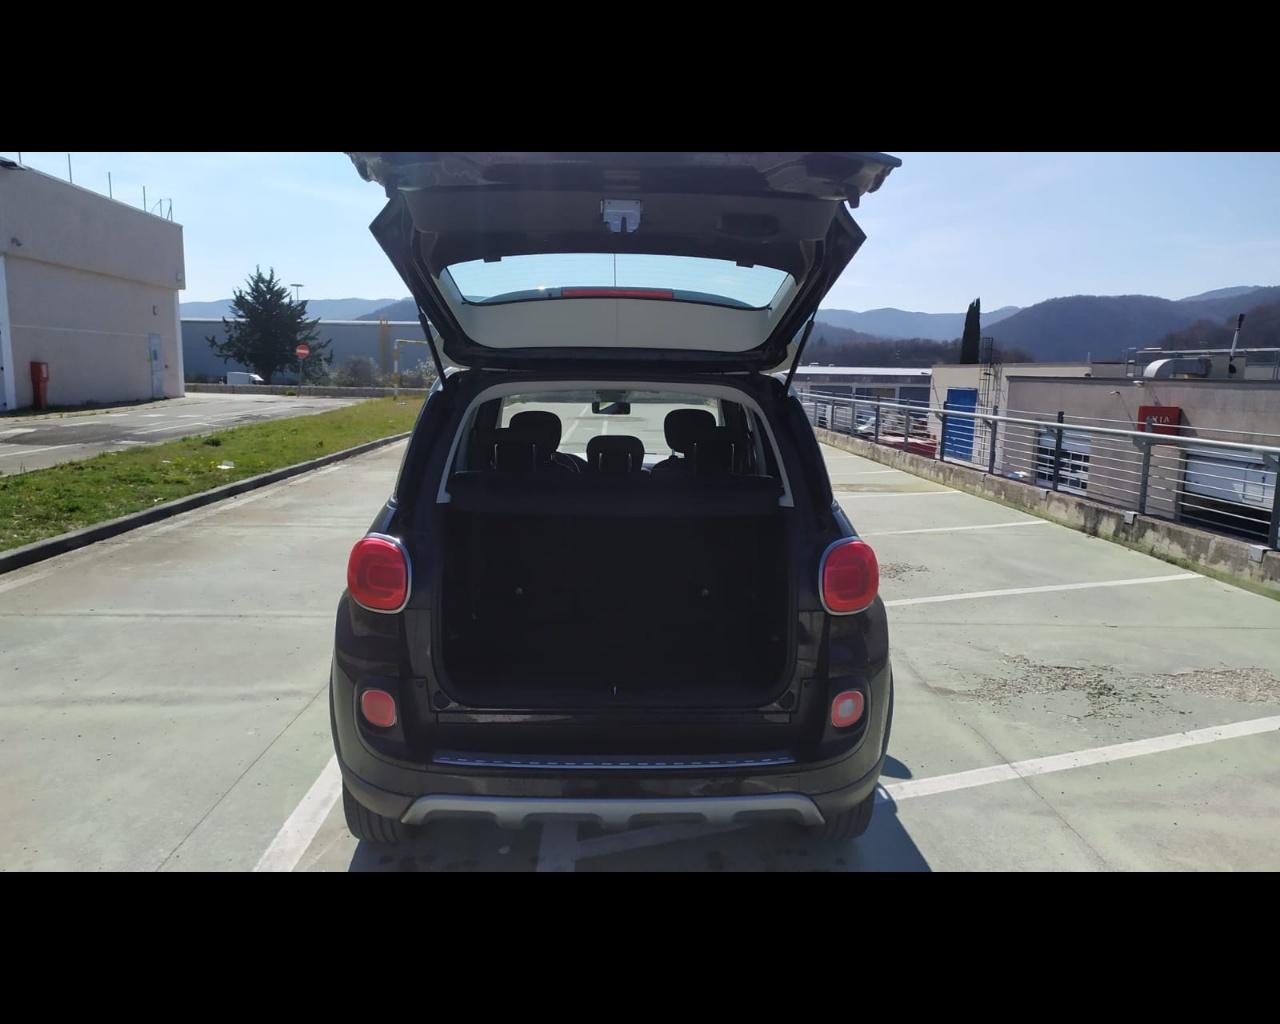 FIAT 500L 1.6 mjt Trekking 120cv E6